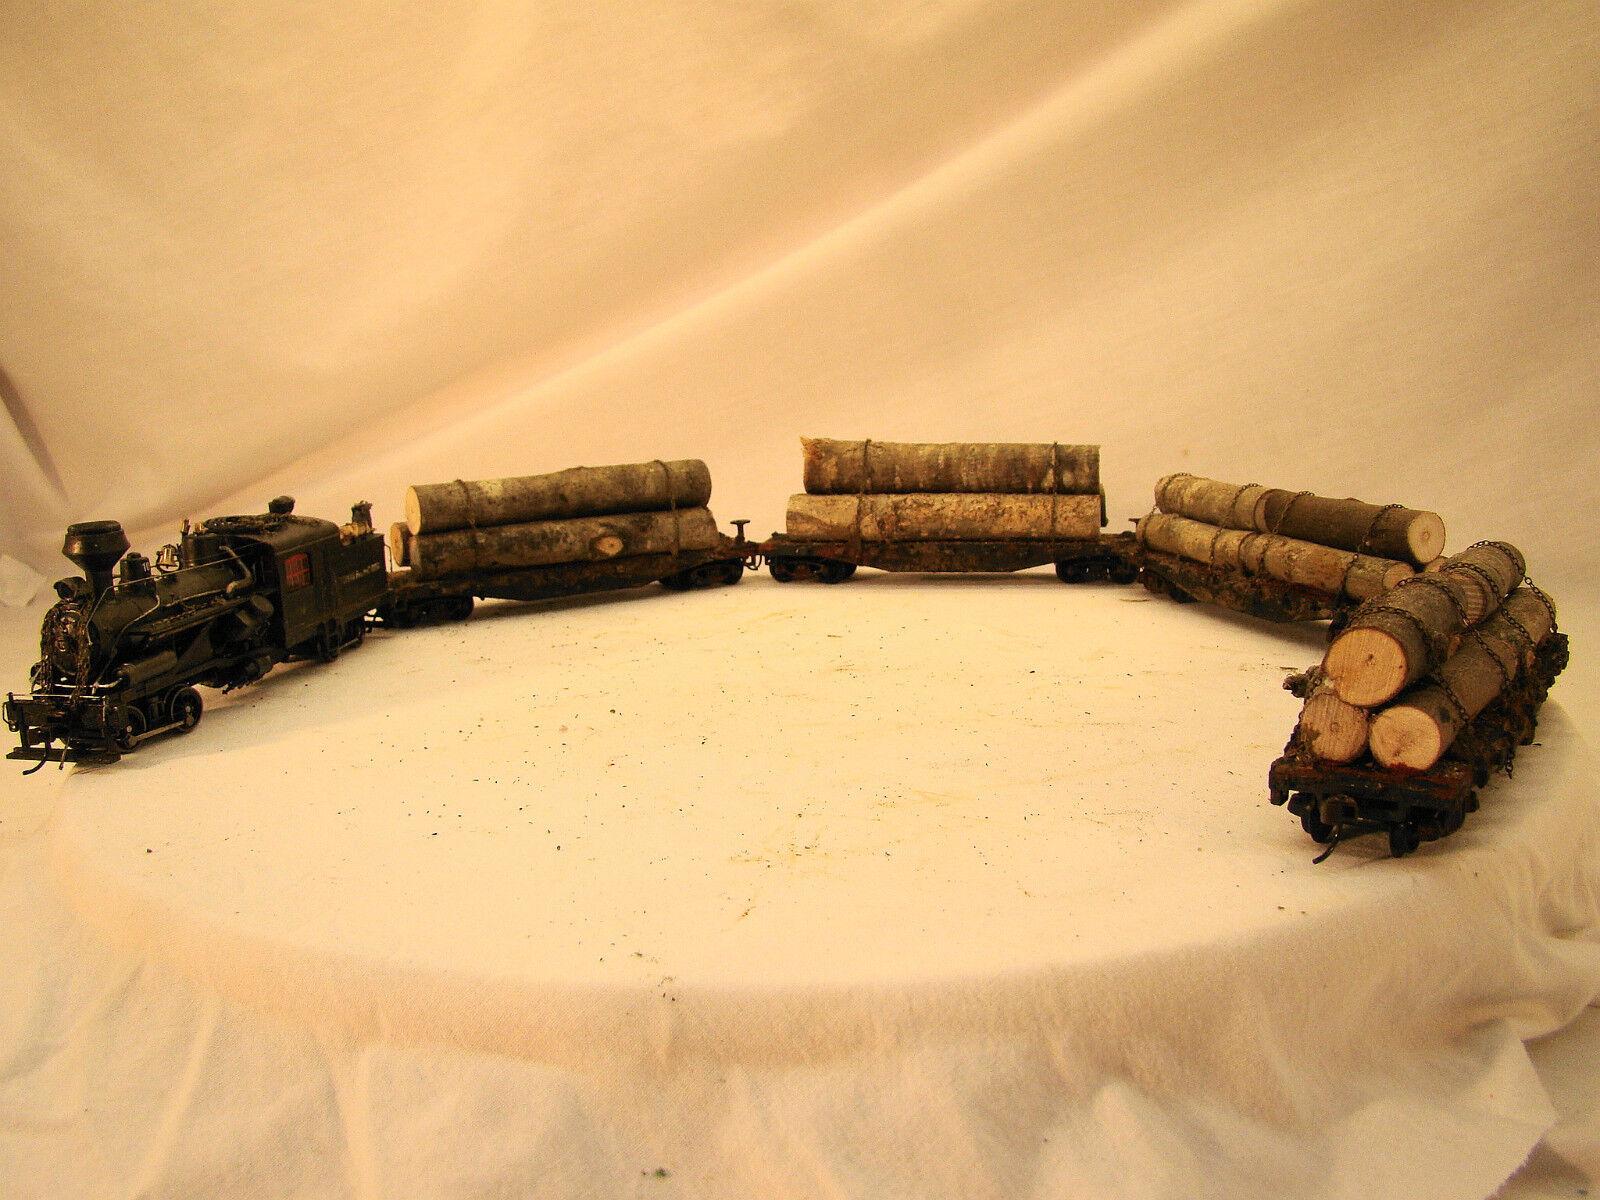 ハスラーは、4台のロギング車を含む蒸気機関車を記録します